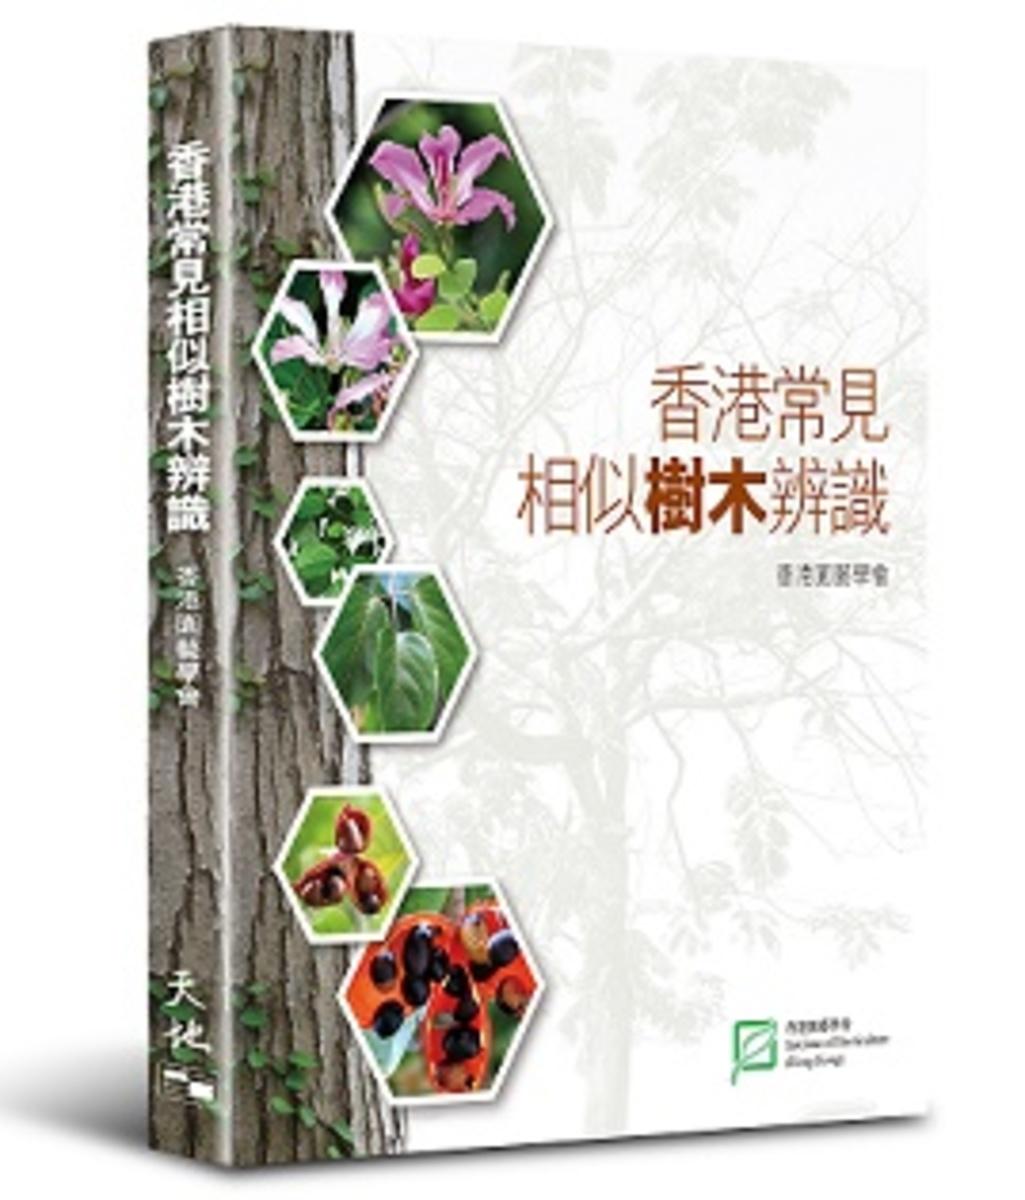 香港常見相似樹木辨識 | 香港園藝學會